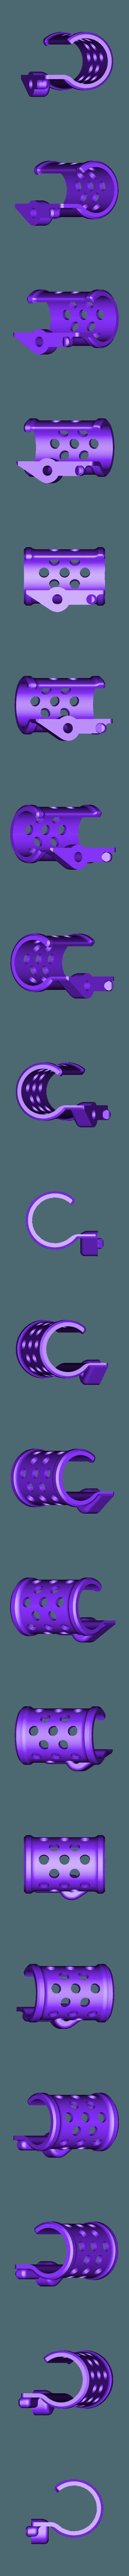 Steering_Rod_Cover.stl Télécharger fichier STL gratuit Vapemobile : Voiture jouet pneumatique • Modèle pour imprimante 3D, Slava_Z